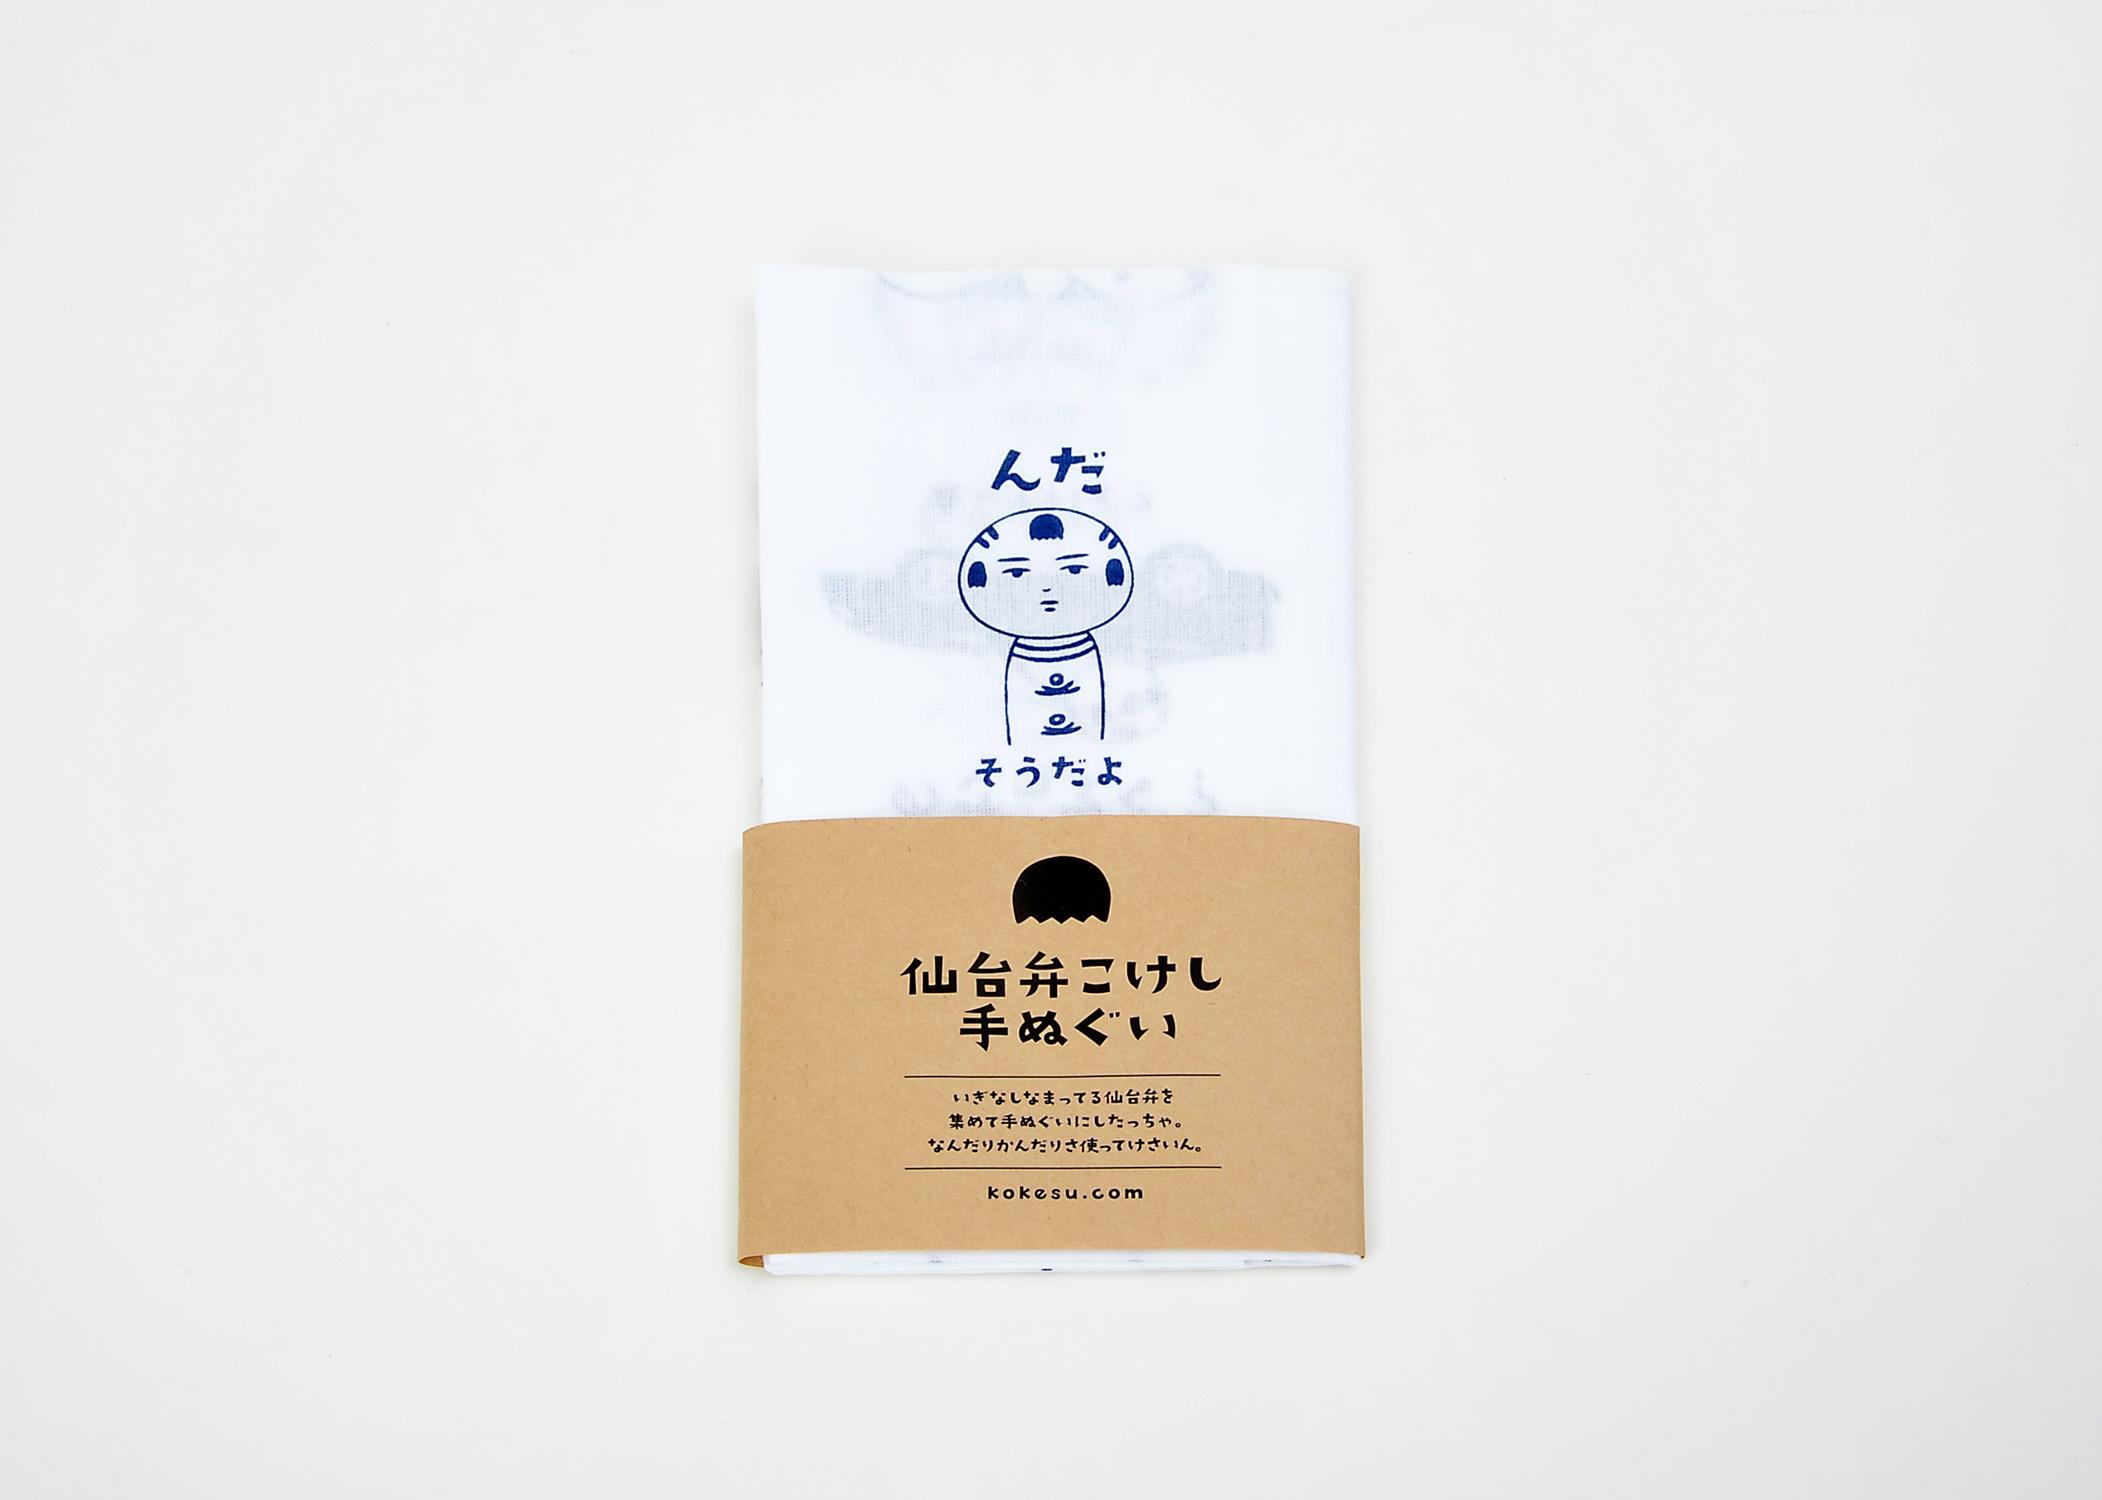 仙台弁こけし手ぬぐい01